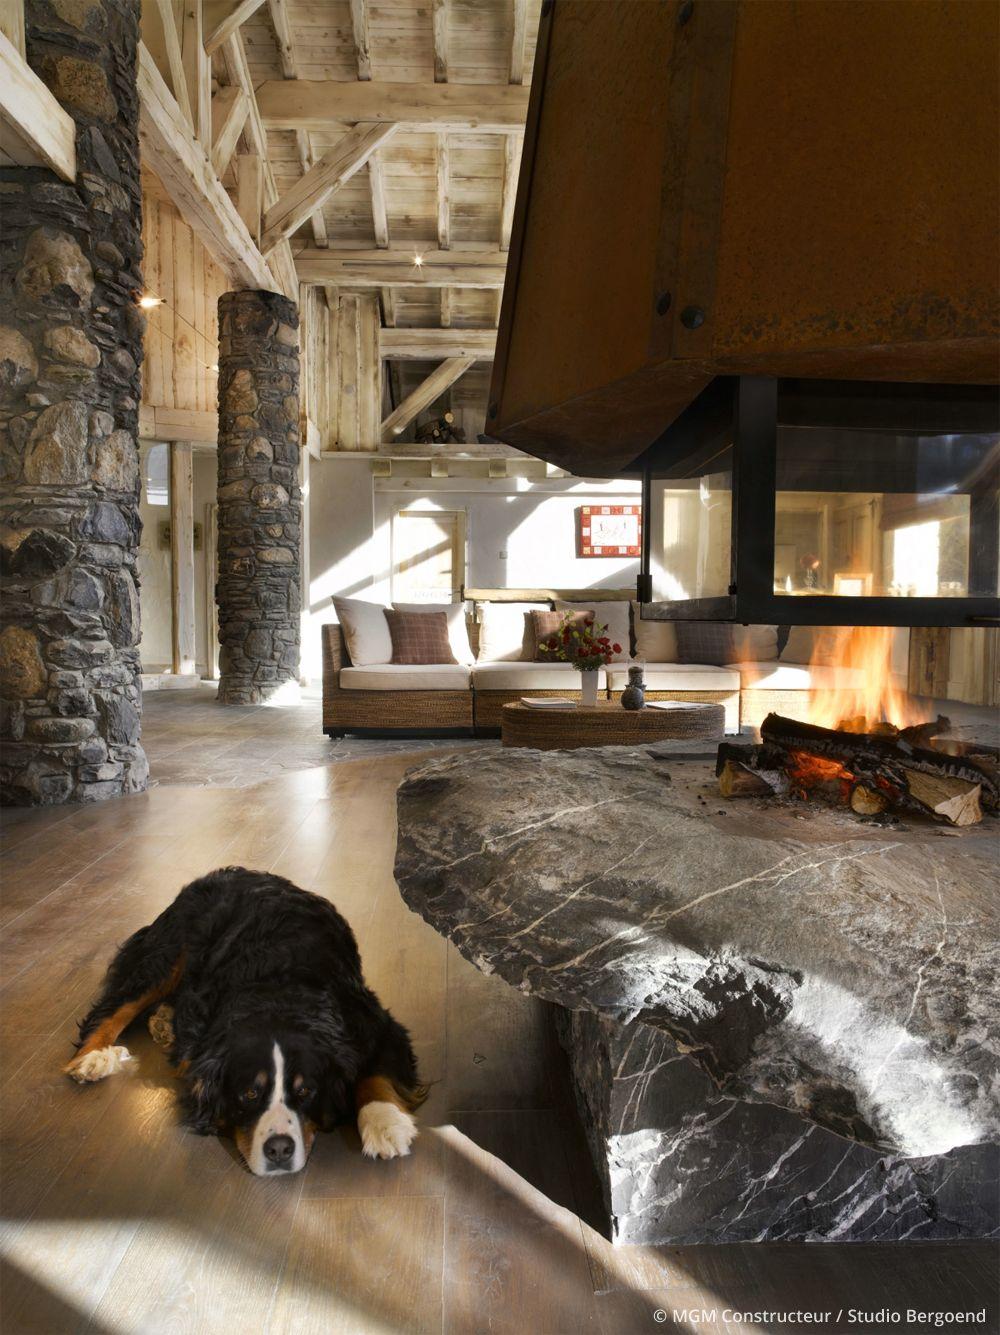 intrieur chalet montagne avec belle chemine design dcoration pierre et bois chien bouvier bernois - Decoration Interieur Bois Et Pierre